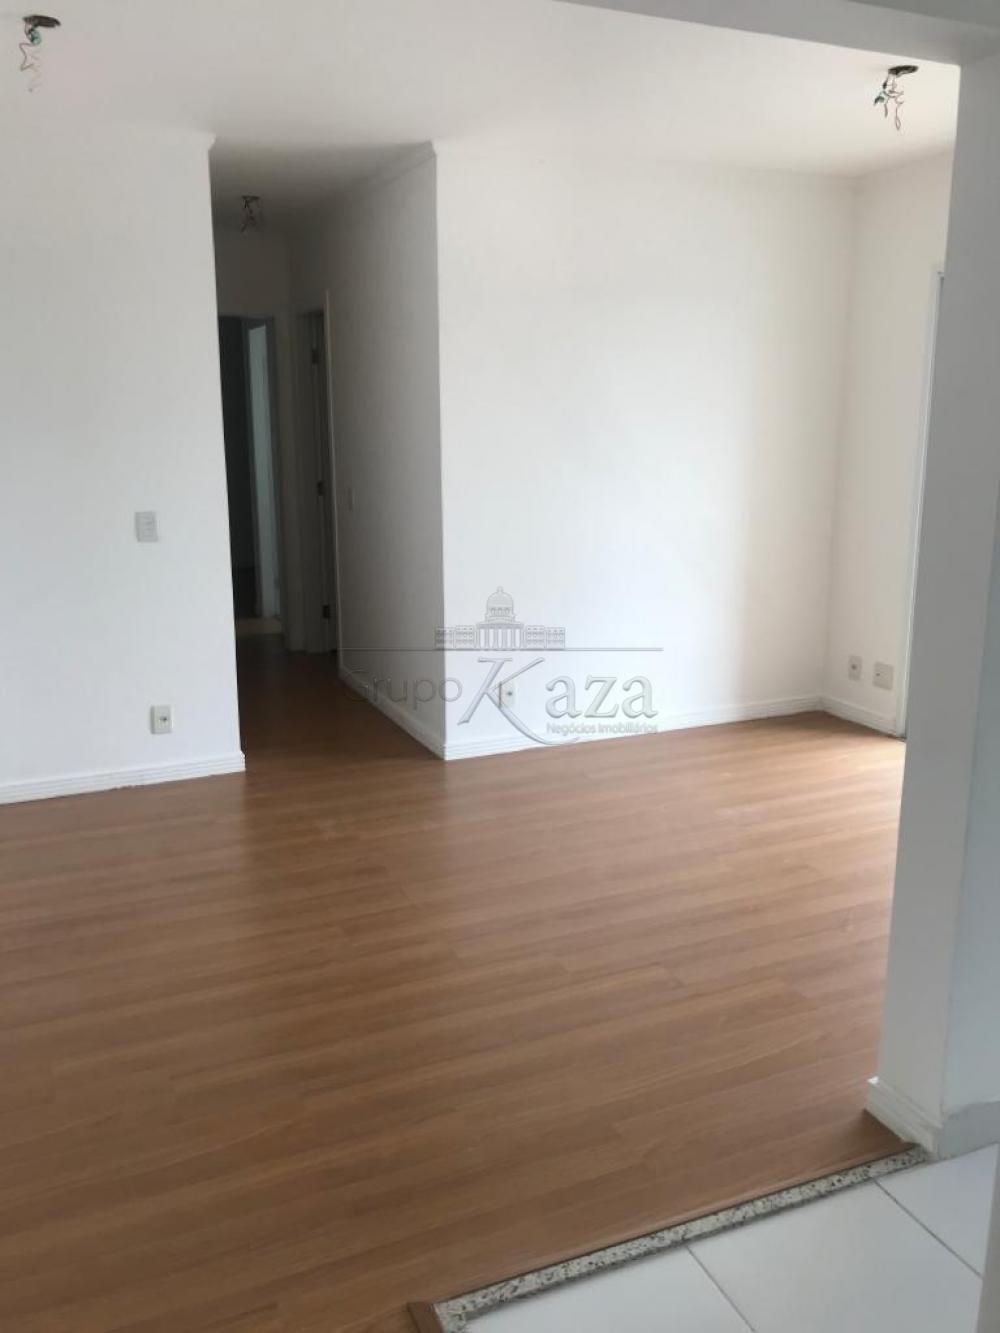 alt='Comprar Apartamento / Padrão em São José dos Campos R$ 350.000,00 - Foto 4' title='Comprar Apartamento / Padrão em São José dos Campos R$ 350.000,00 - Foto 4'